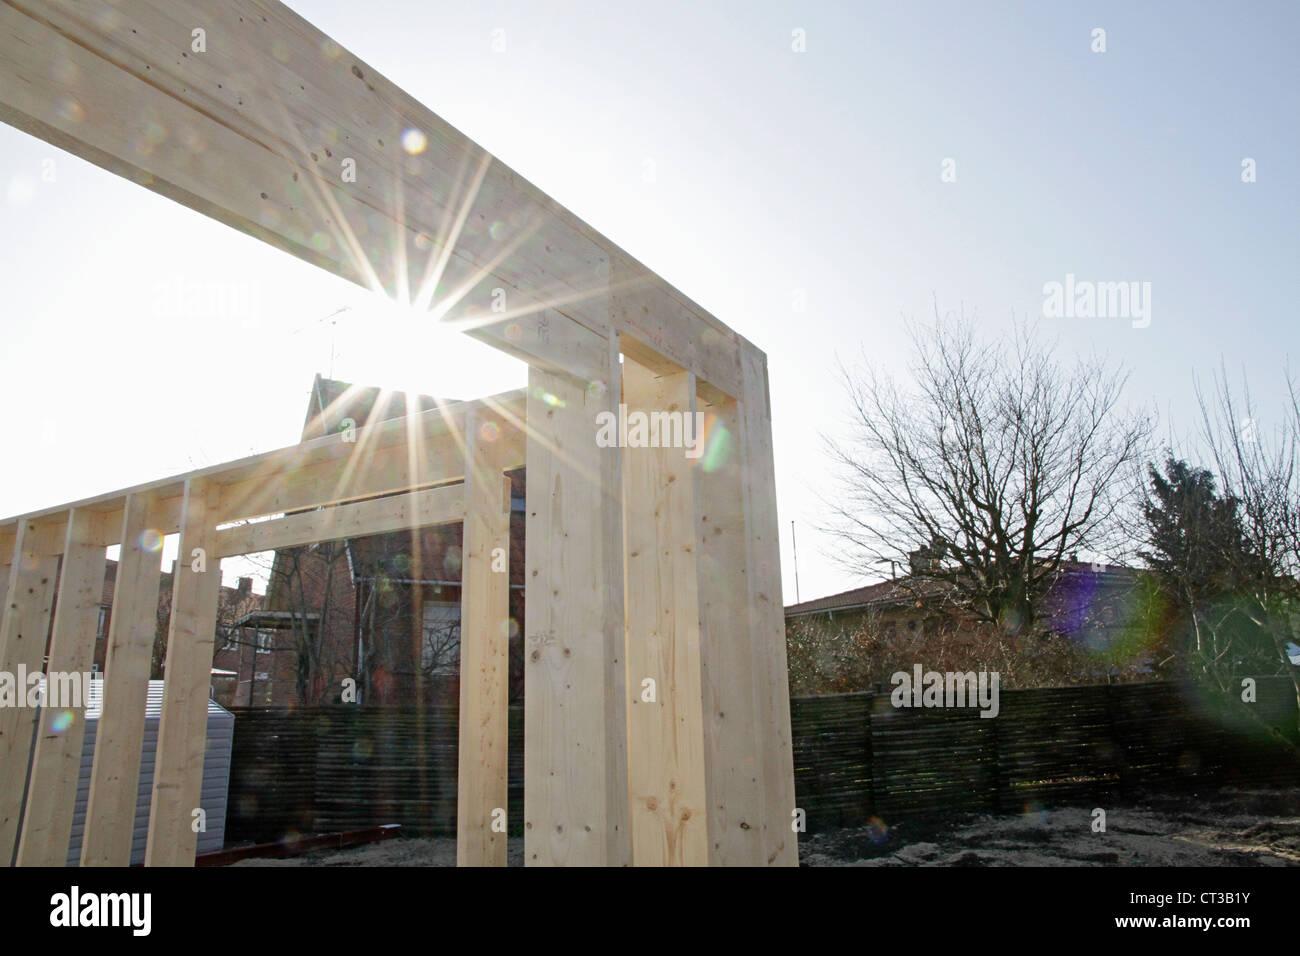 Sonne auf den neuen Aufbau vor Ort Stockbild